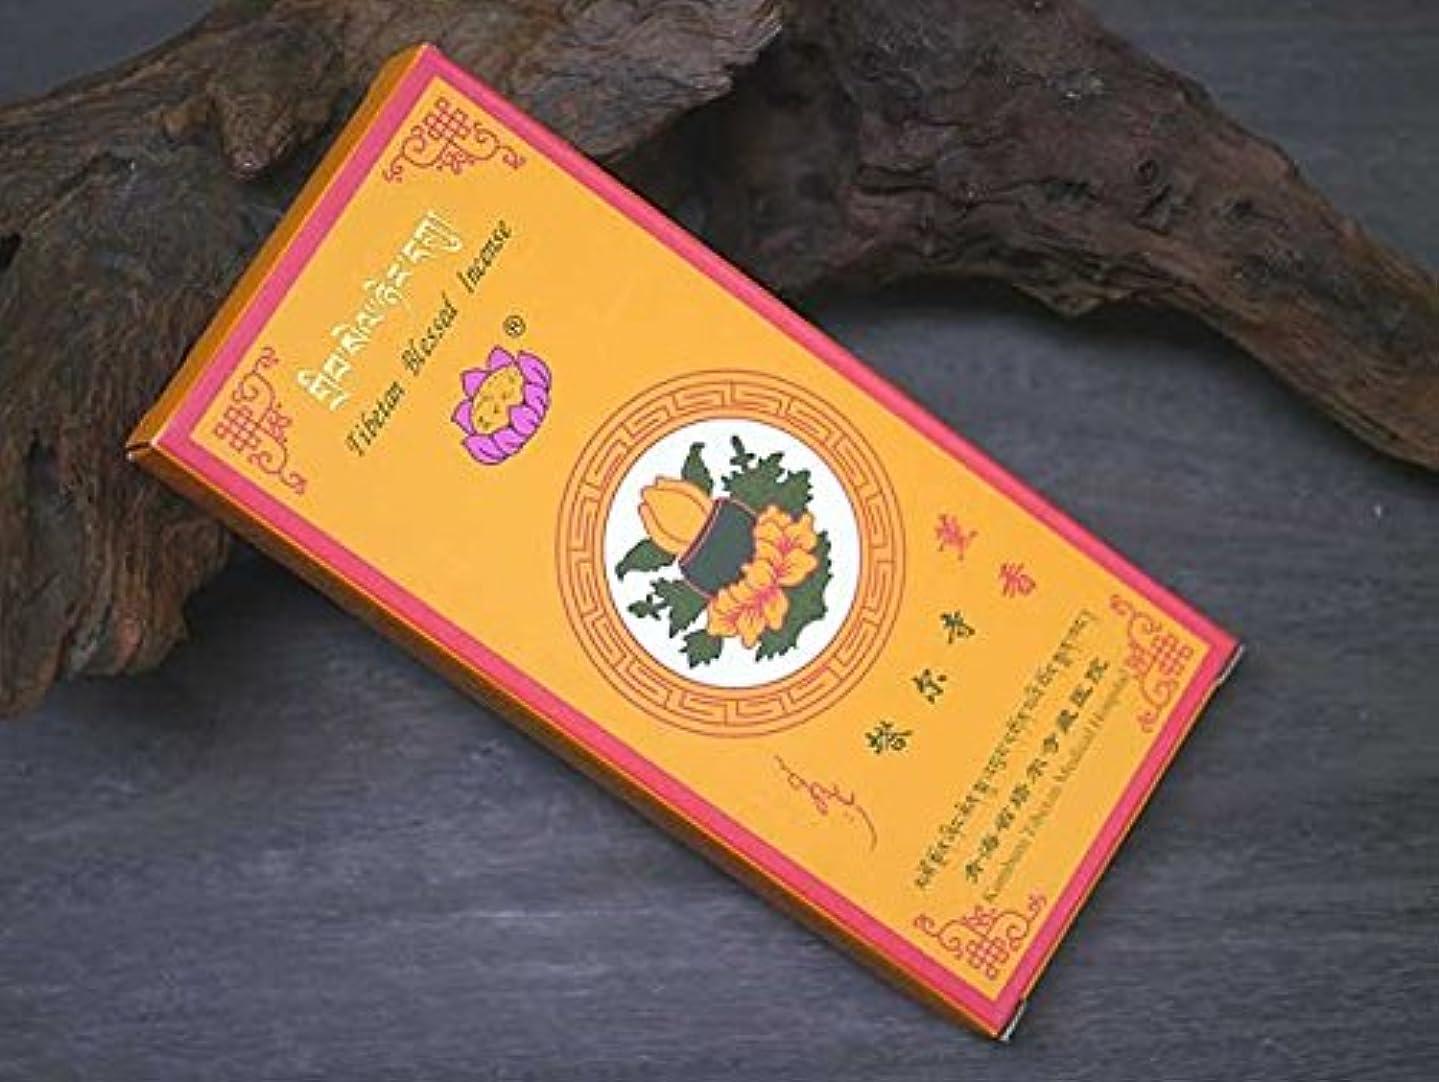 拒絶する連想高めるタールゴンパ チベット仏教塔 寺(タールゴンパ)【密宗清除 薫香おタイプ】